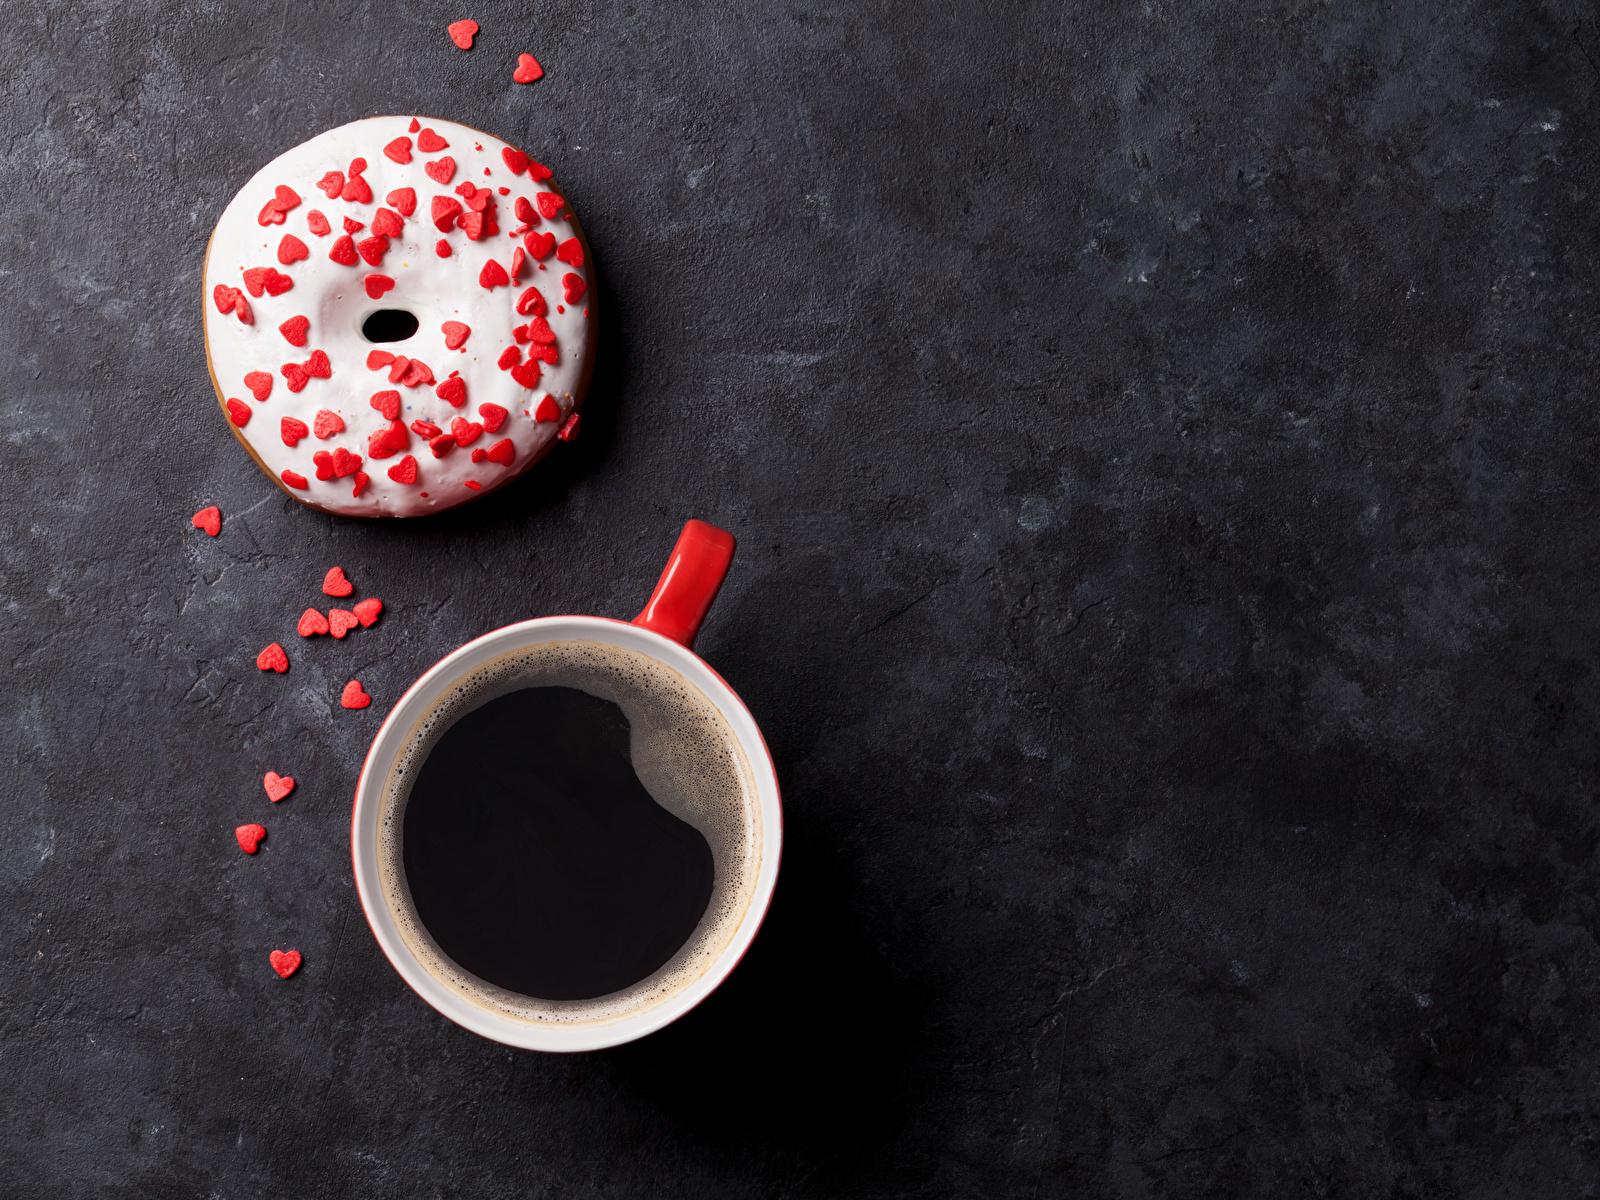 Обои для рабочего стола сердца Кофе Пончики Еда Чашка сладкая еда 1600x1200 серце Сердце сердечко Пища чашке Продукты питания Сладости